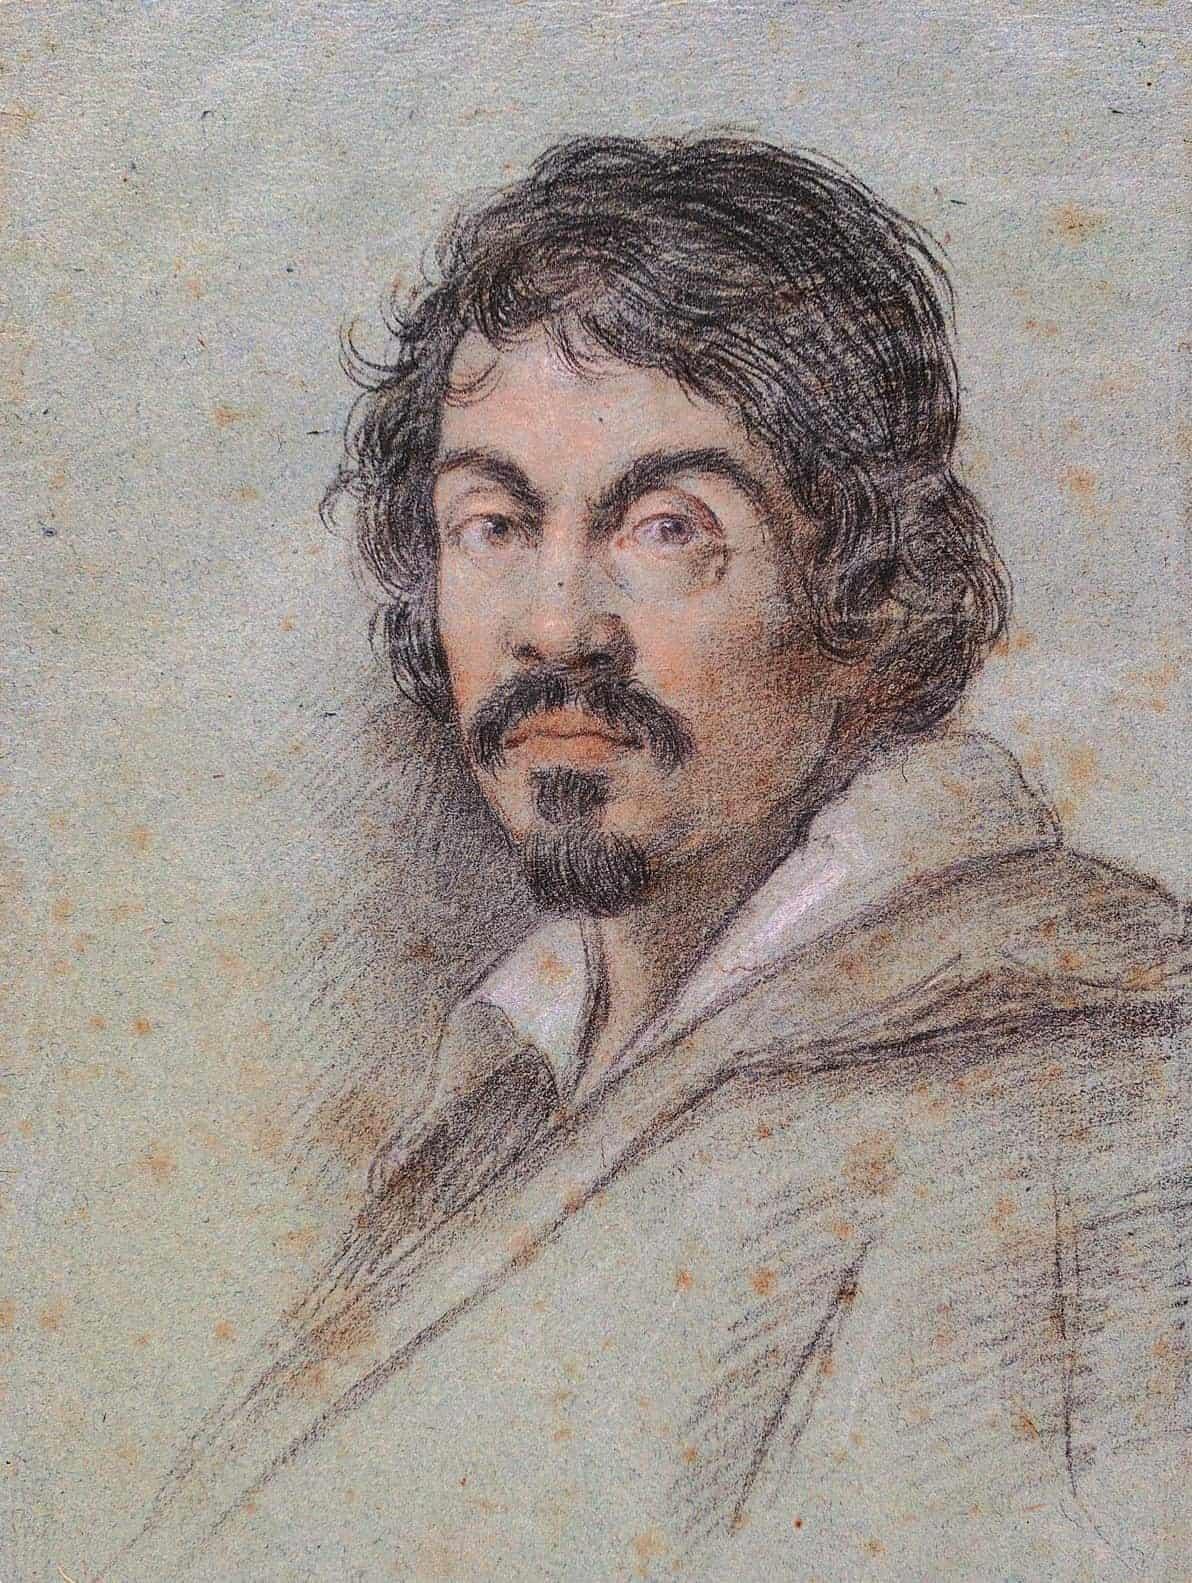 Portrait of Caravaggio by Ottavio Leoni